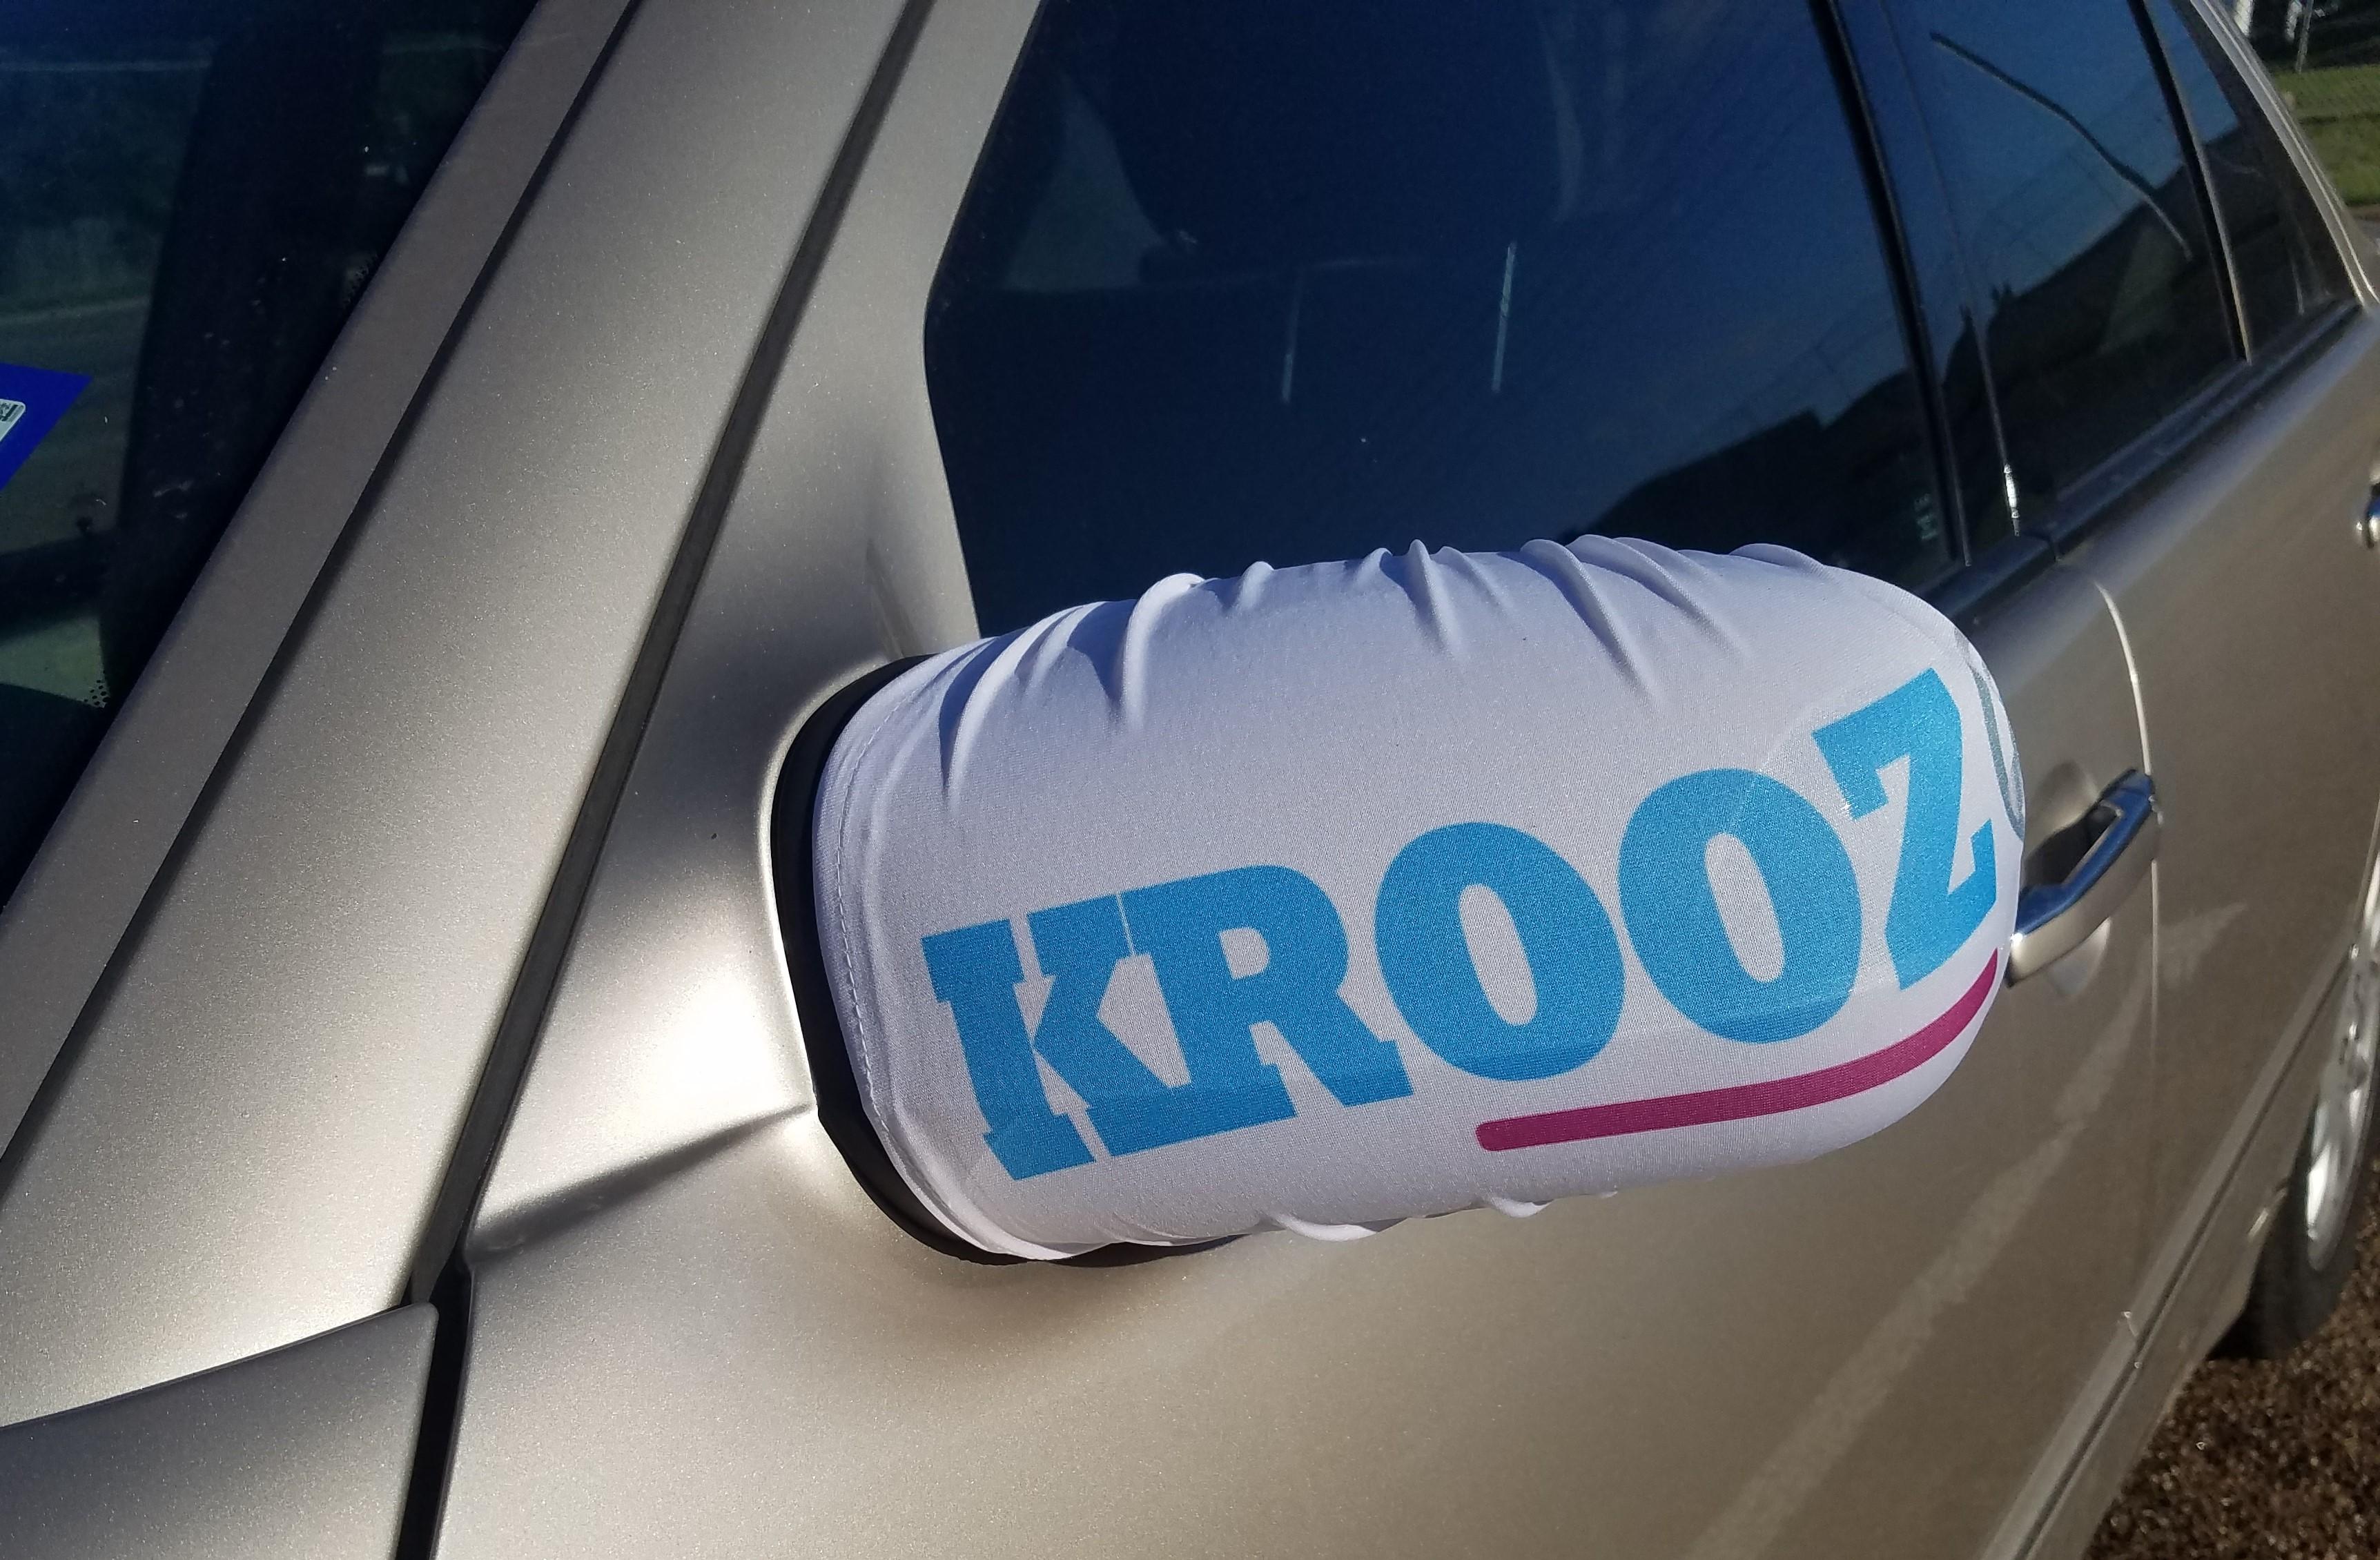 Krooz Car Mirror Cover